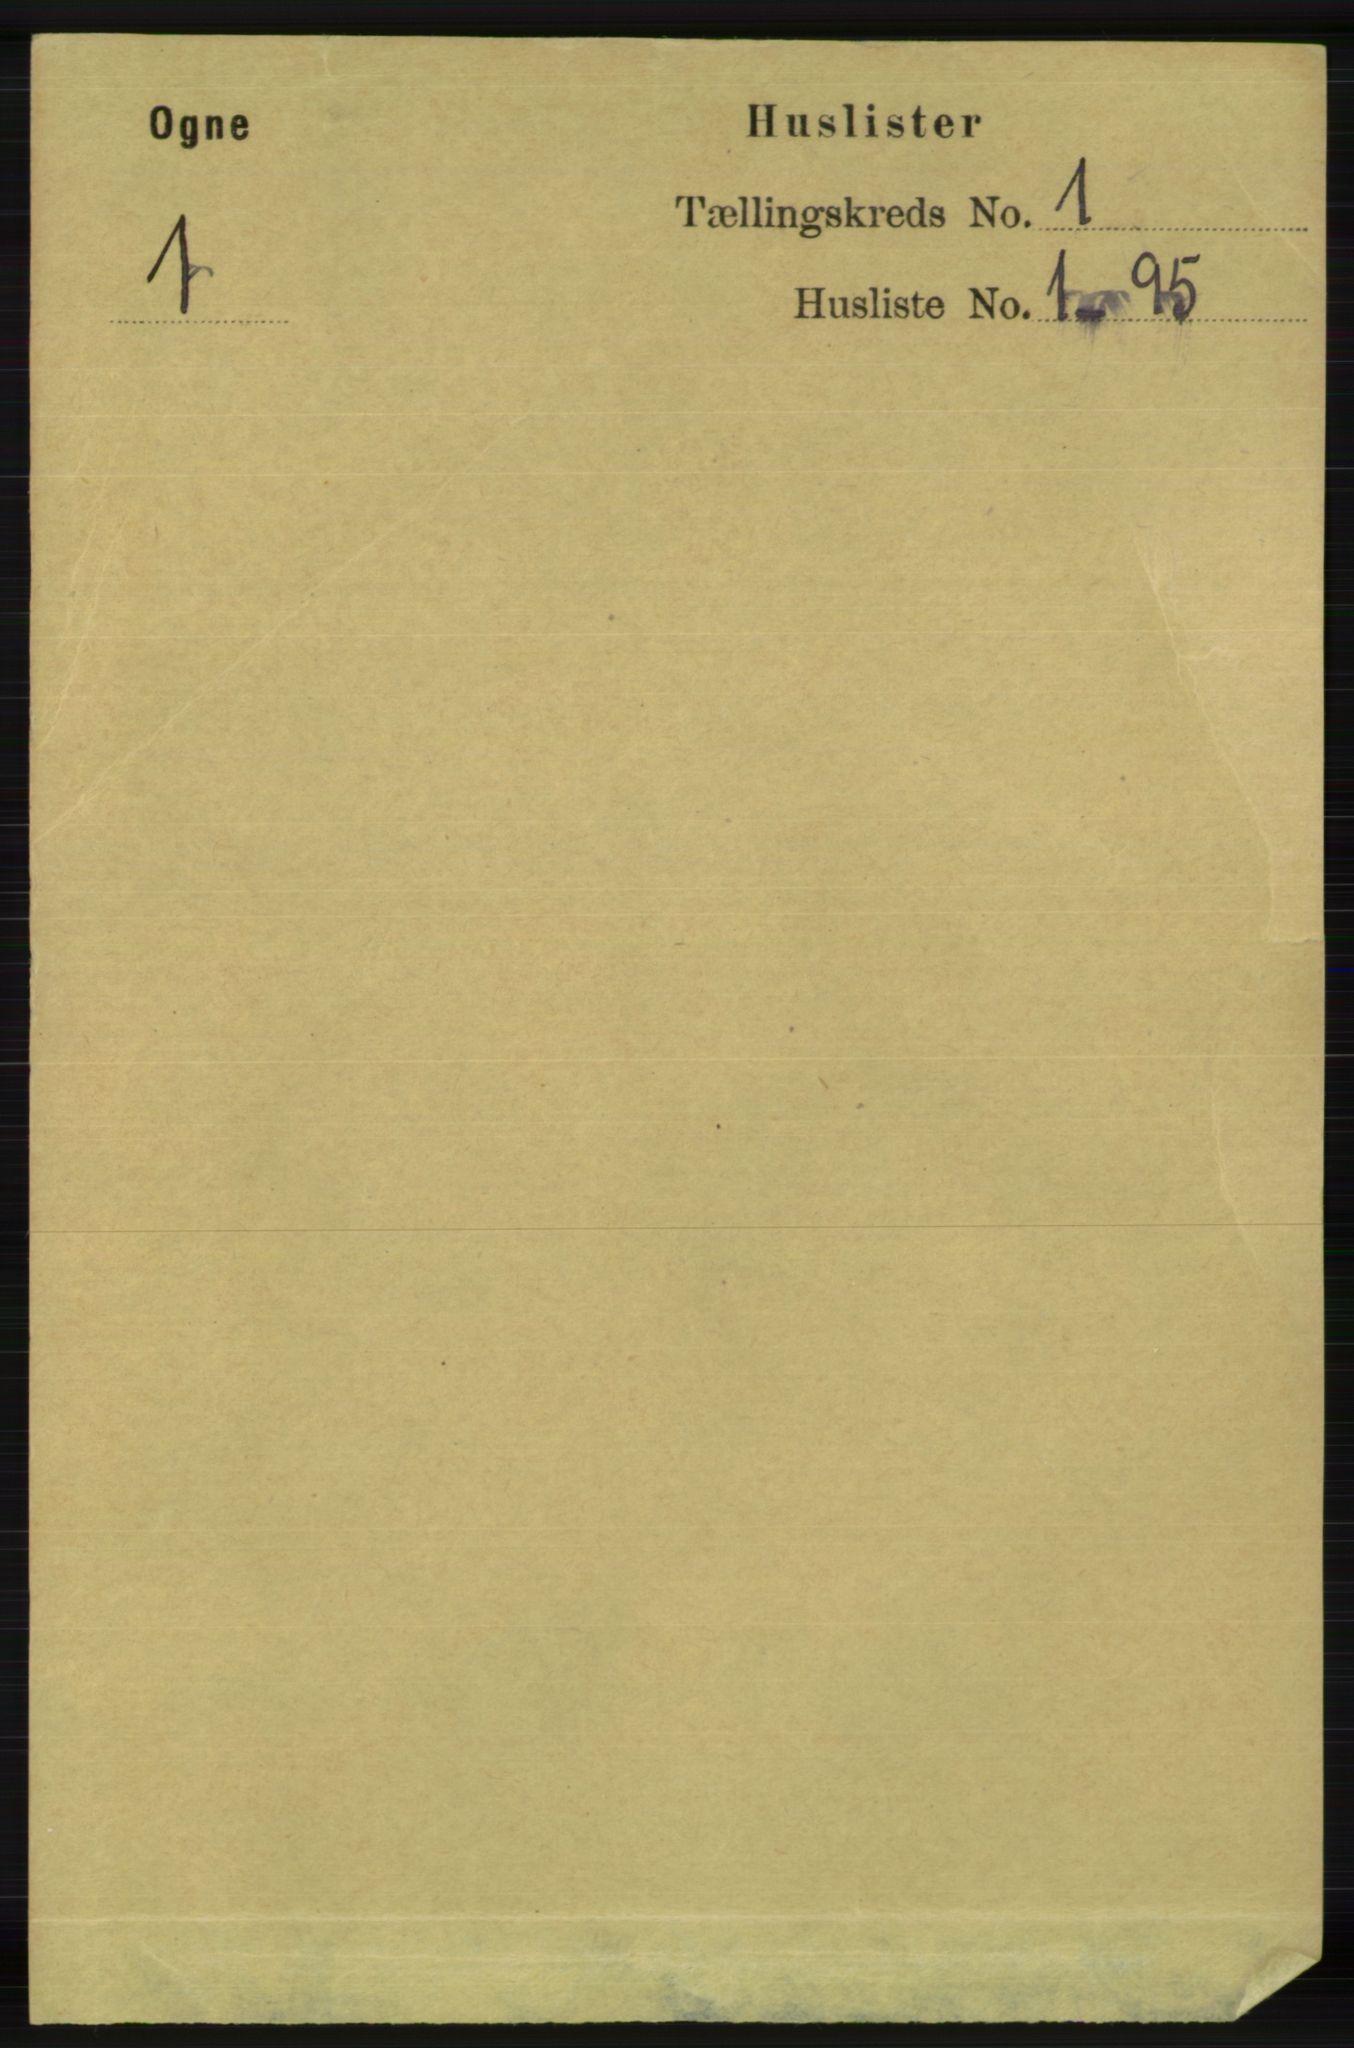 RA, Folketelling 1891 for 1117 Ogna herred, 1891, s. 9